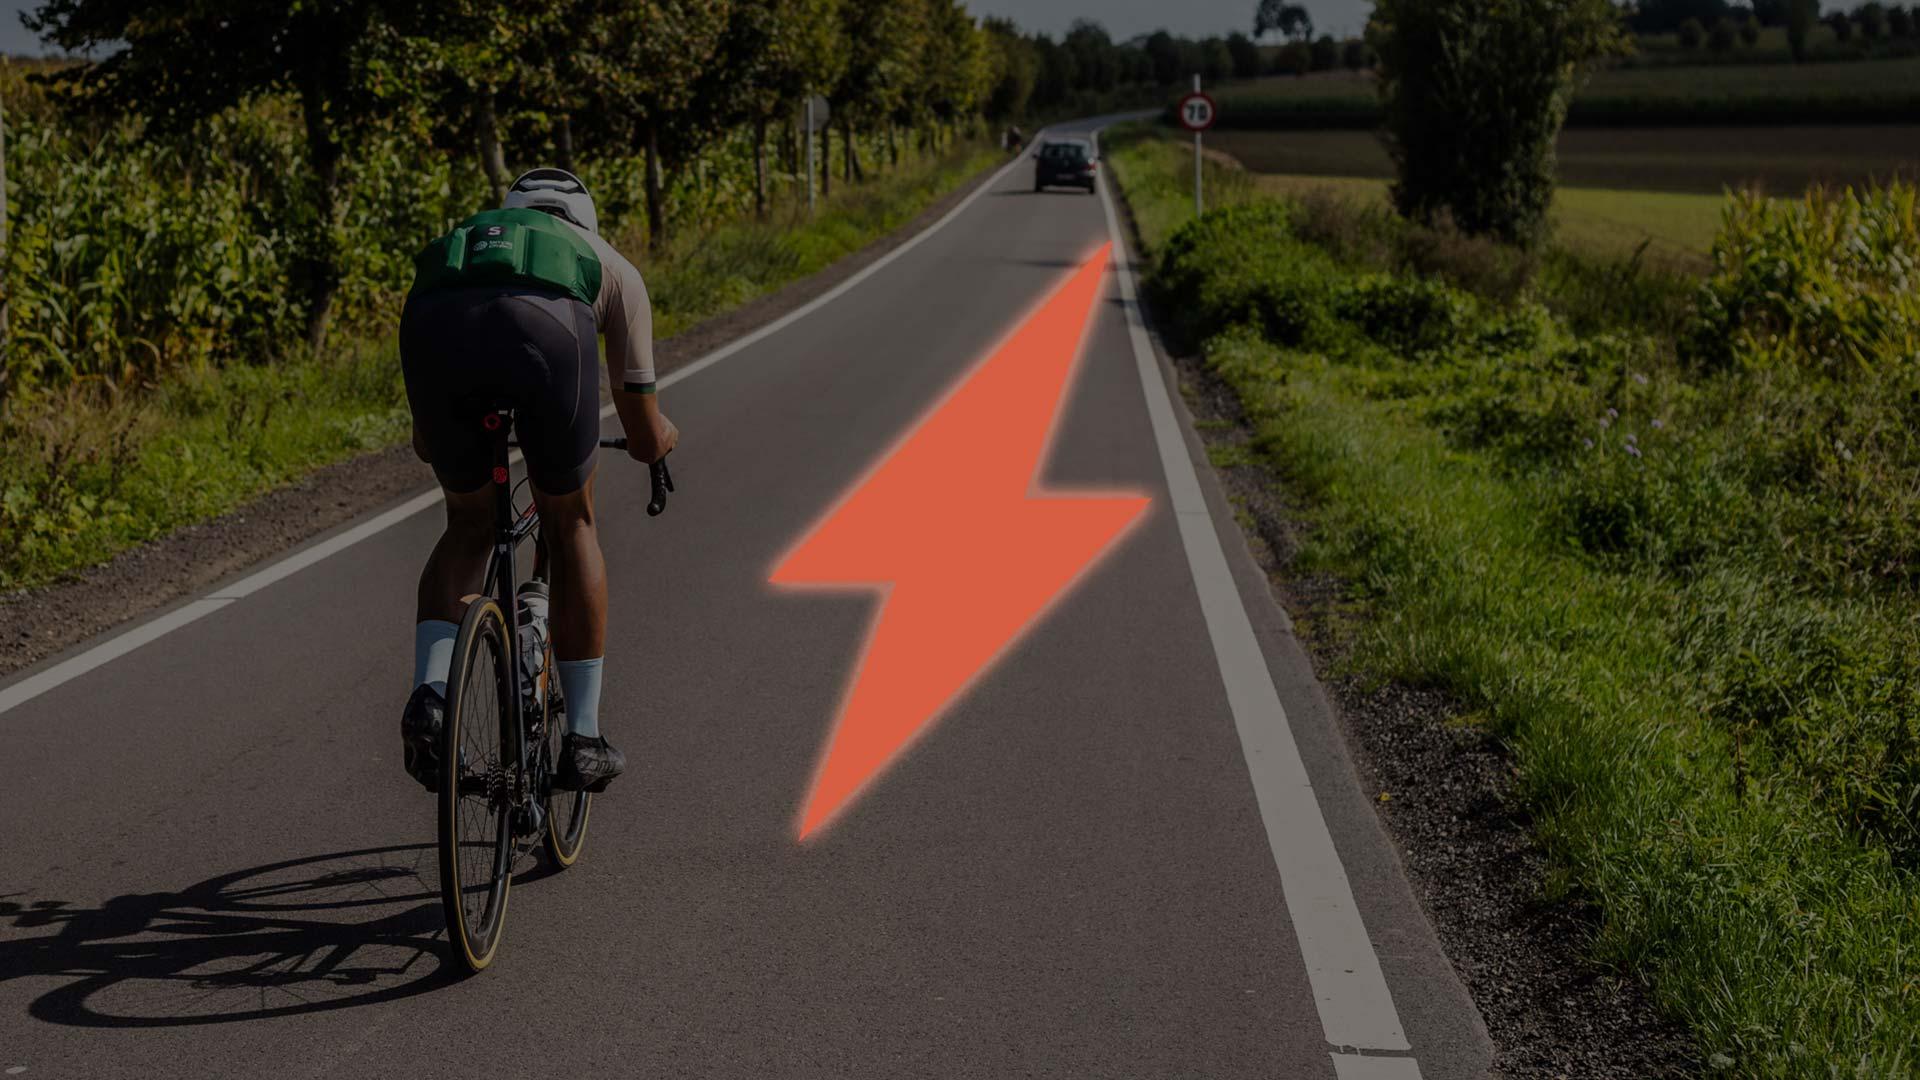 Powermeter wielrennen: een gids met alles over trainen op vermogen